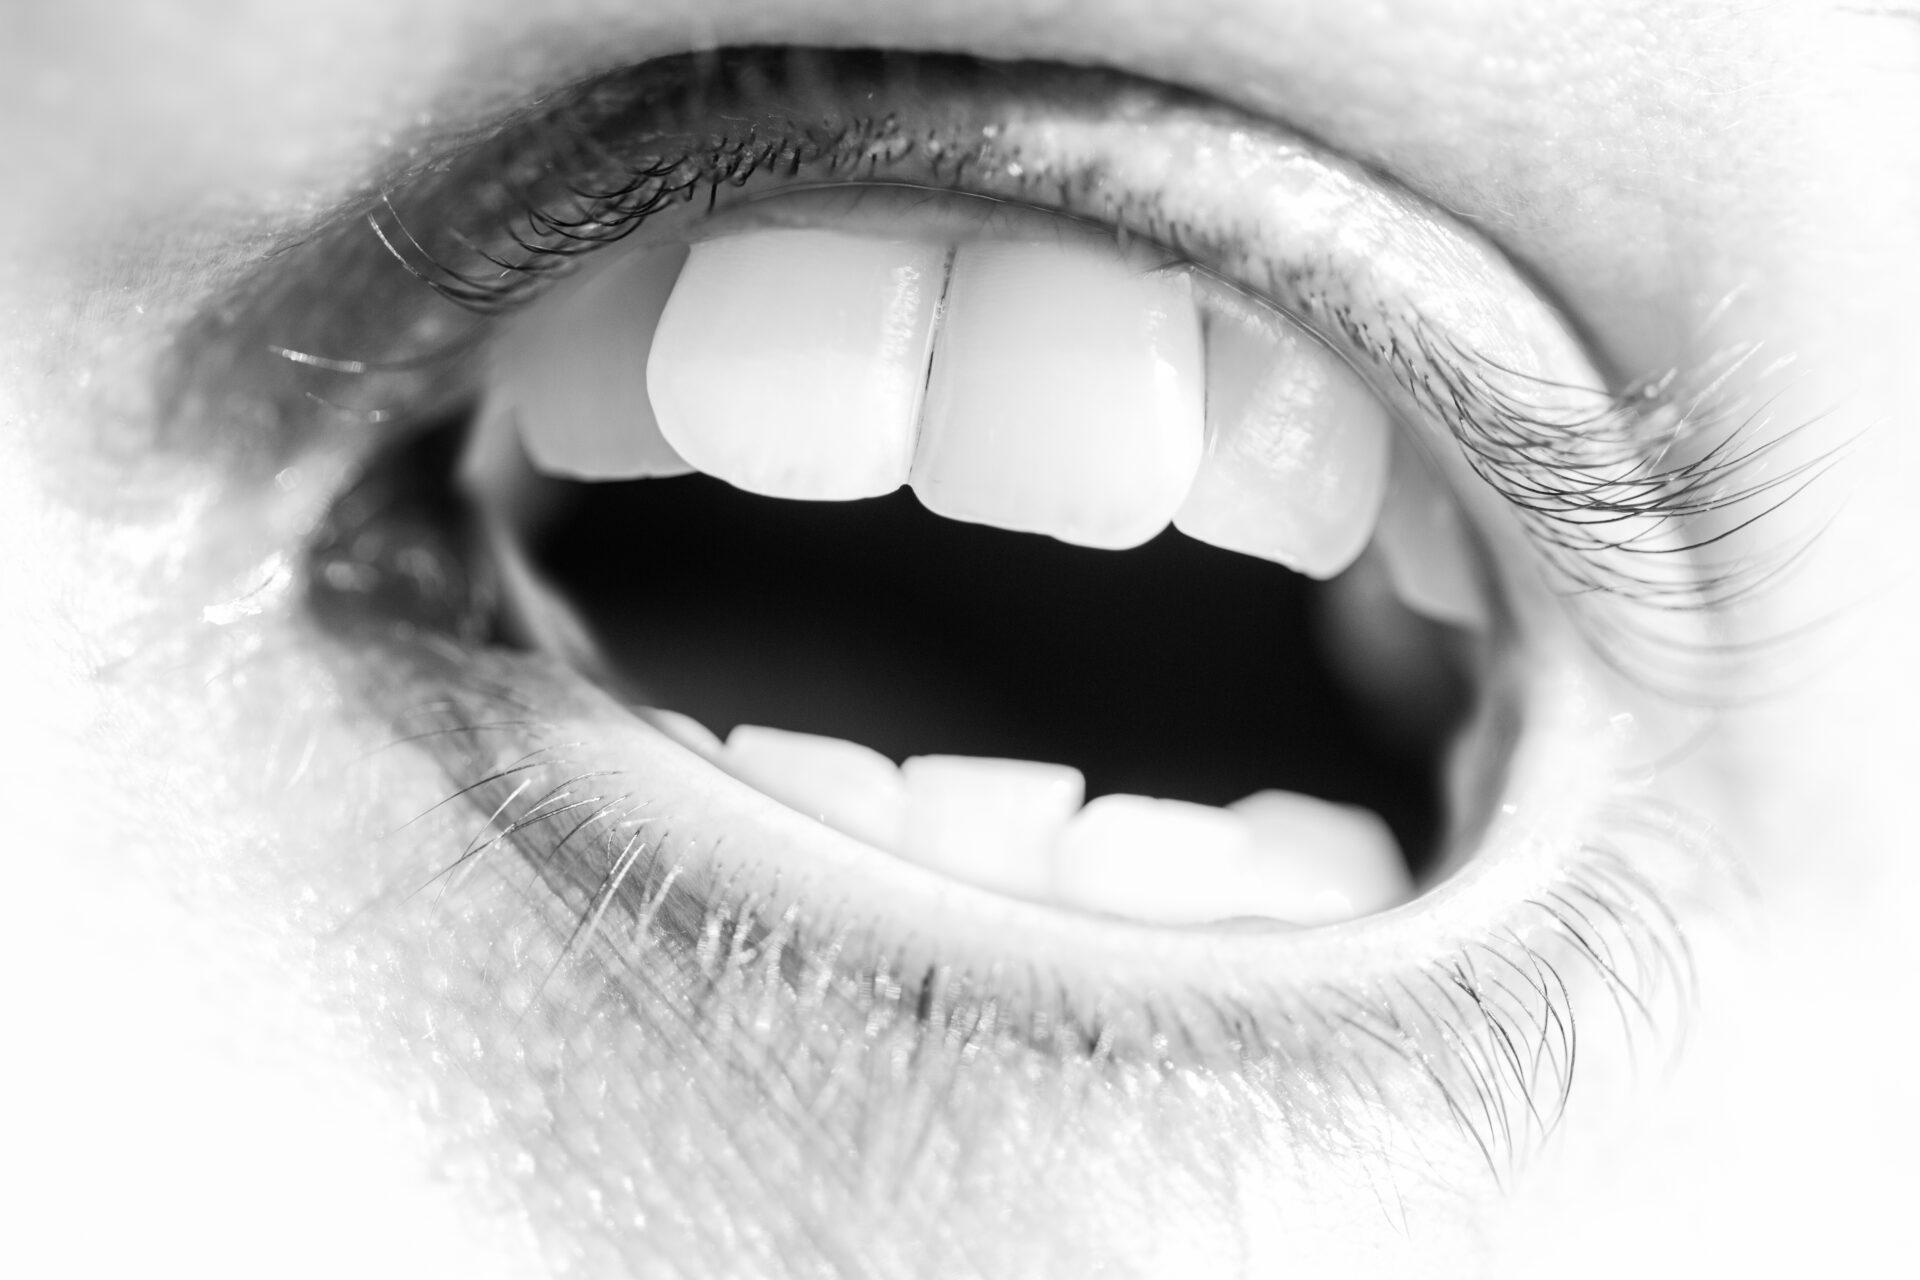 Teeth eye